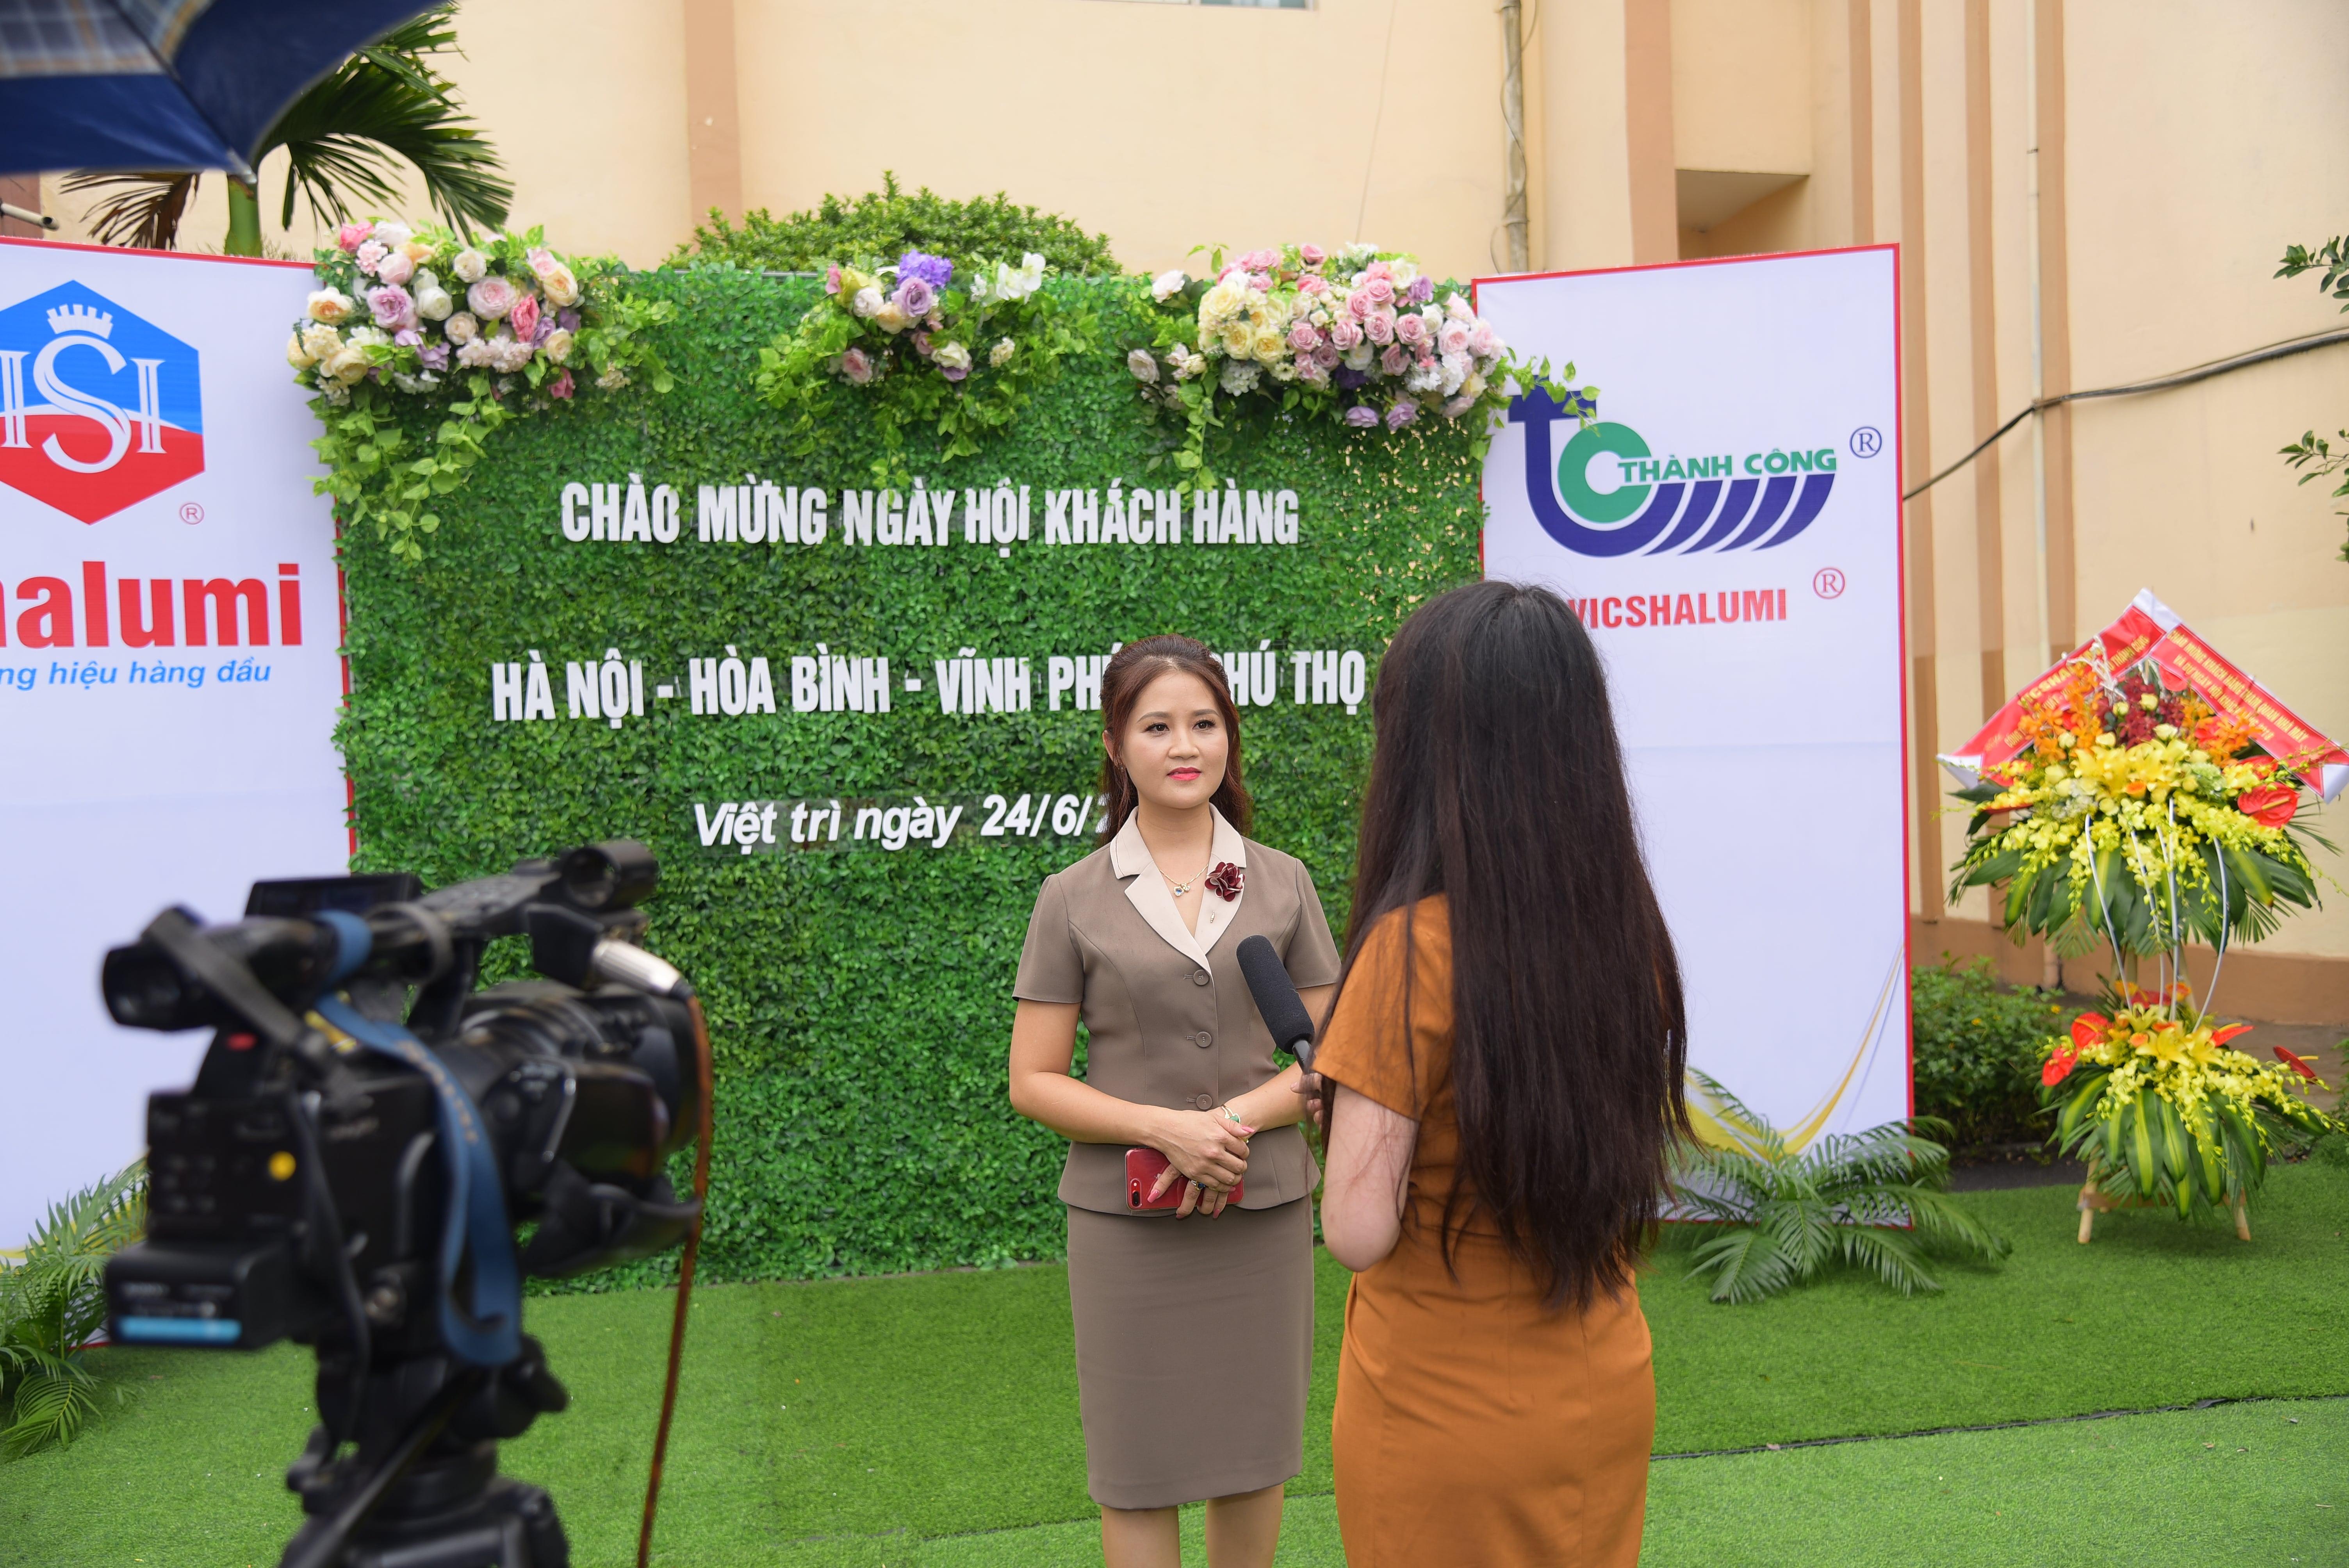 Sự Kiện Tháng 6 Của VIC GROUP Hội Tụ Khách Hàng 4 Tỉnh Hòa Bình - Hà Nội - Vĩnh Phúc - Phú Thọ